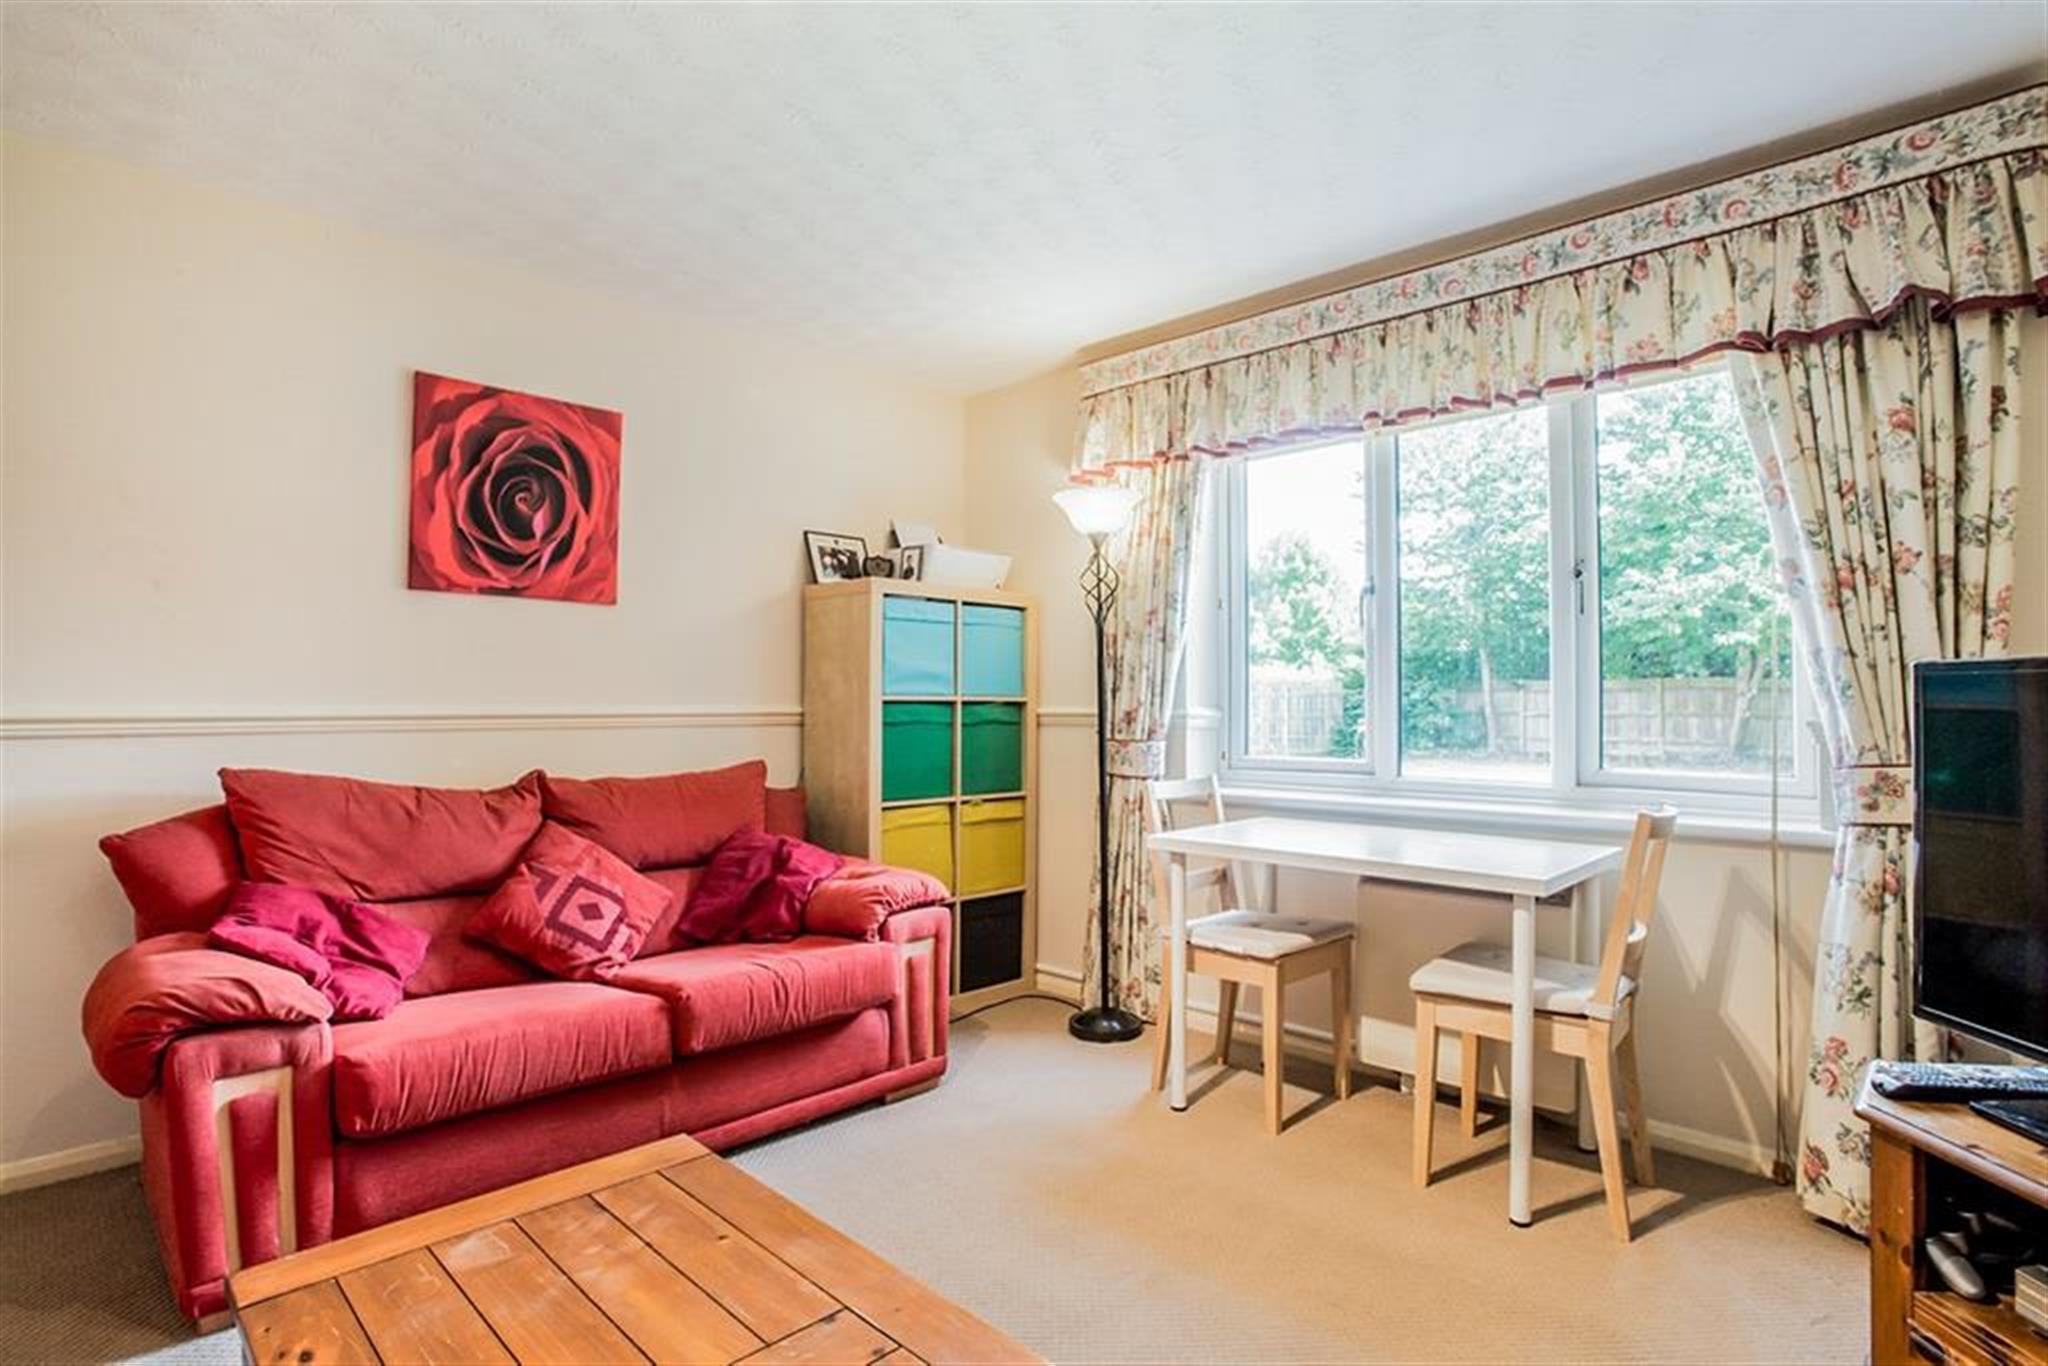 1 Bedroom Apartment To Rent Wellington Drive Welwyn Garden City Al7 2ne